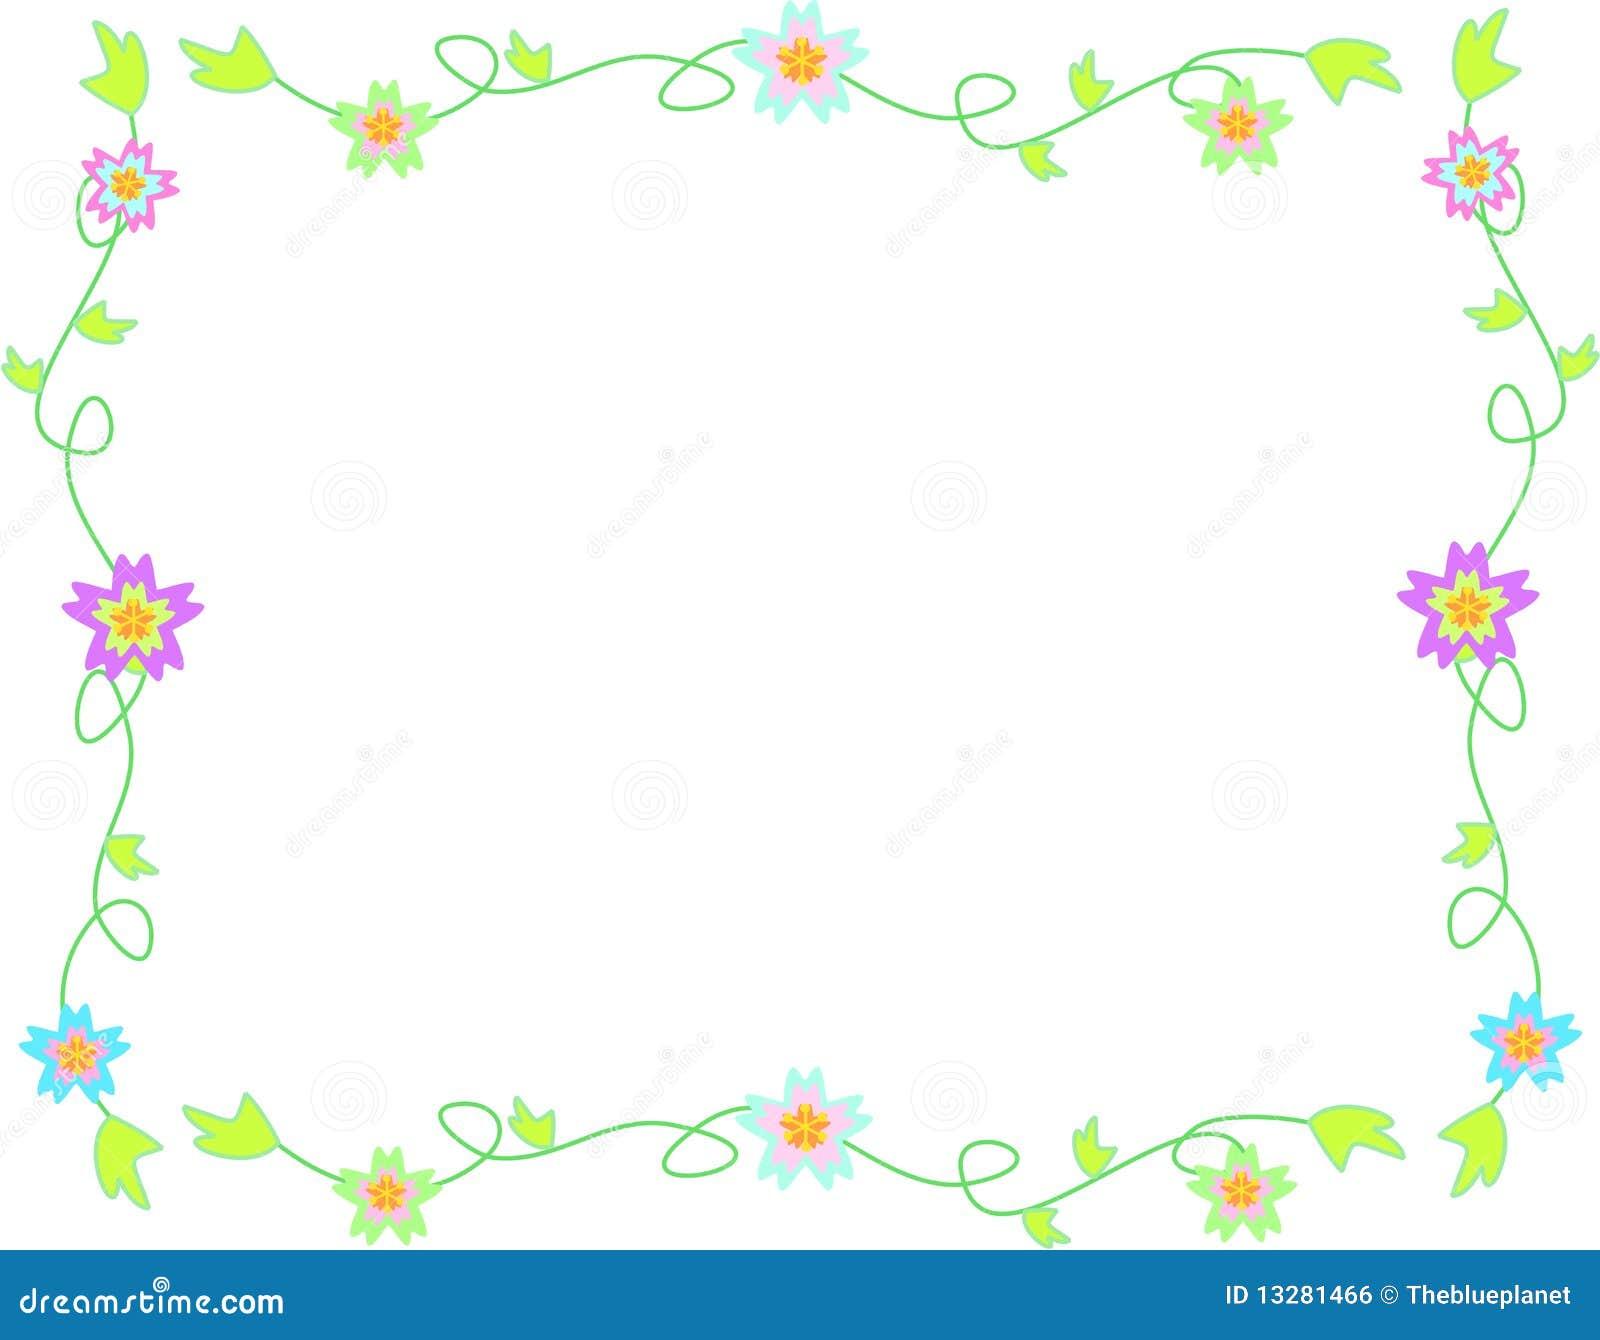 Marco delicado de flores de vides y de hojas ilustraci n - Decorar con marcos de fotos ...